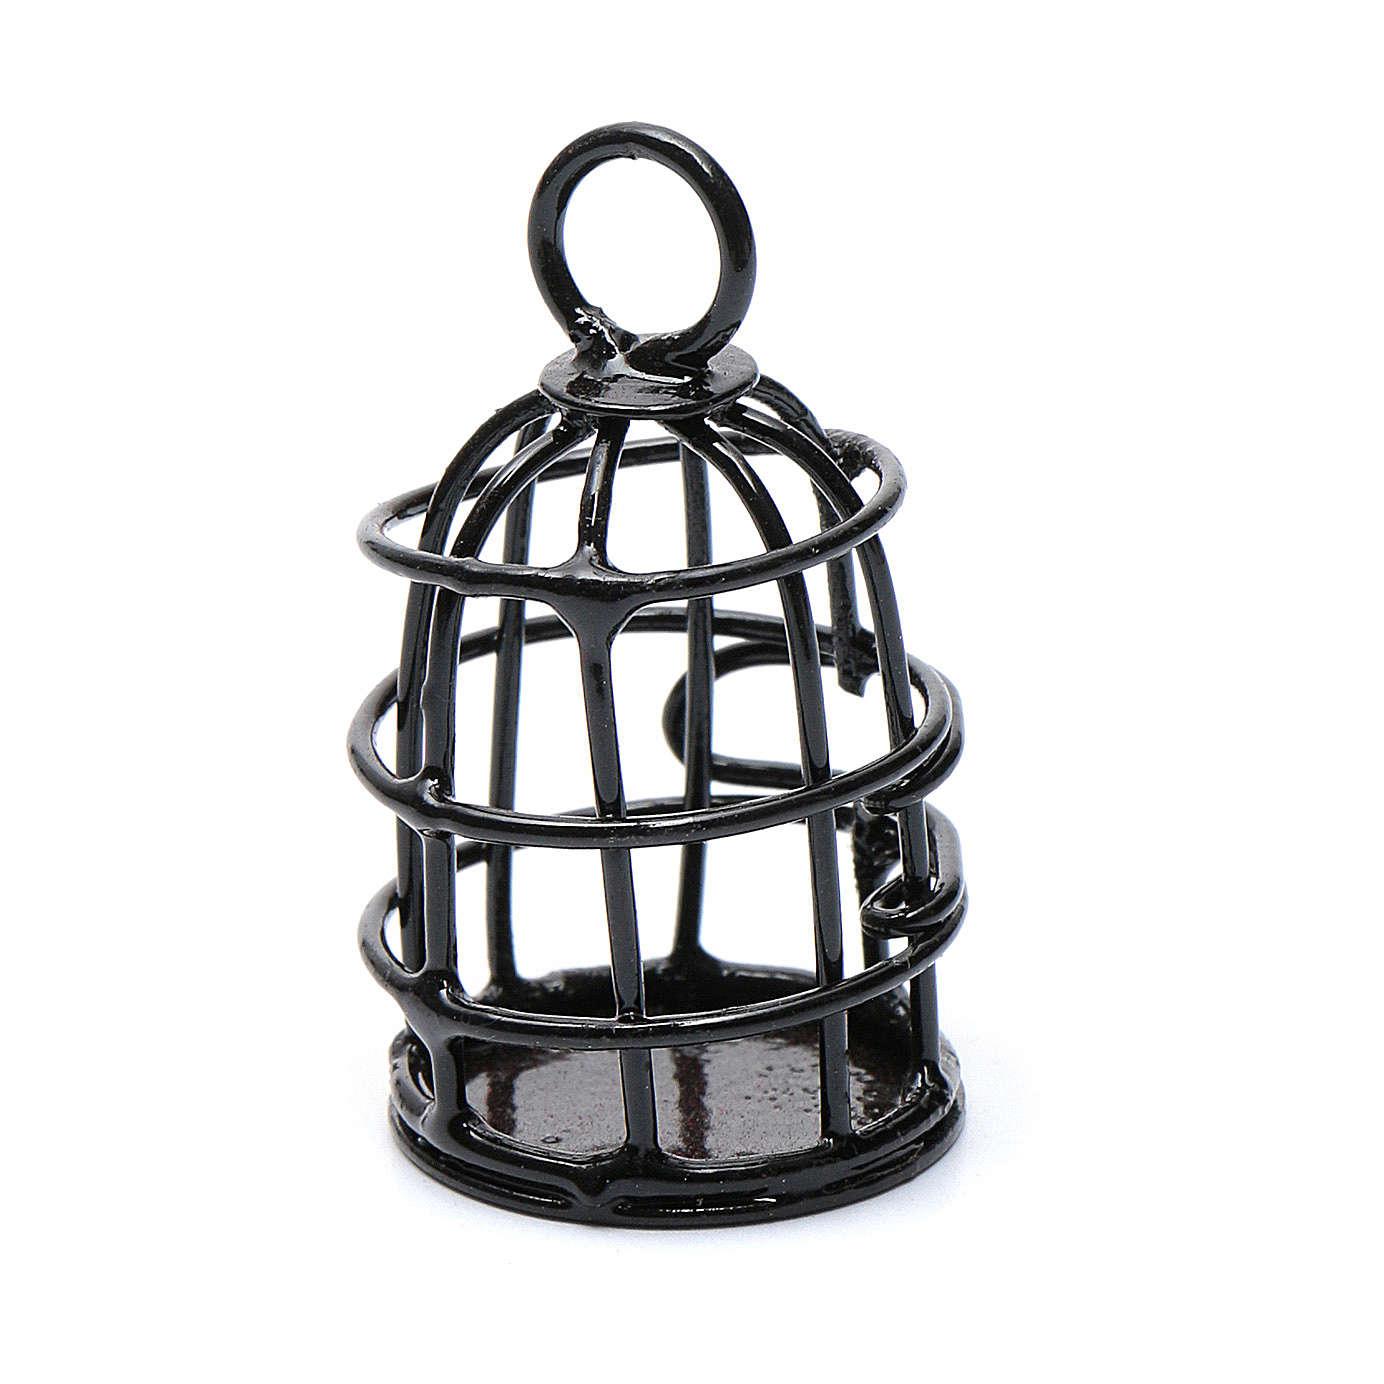 Klatka dla ptaków metal wys rzeczywista 4 cm do szopki 4